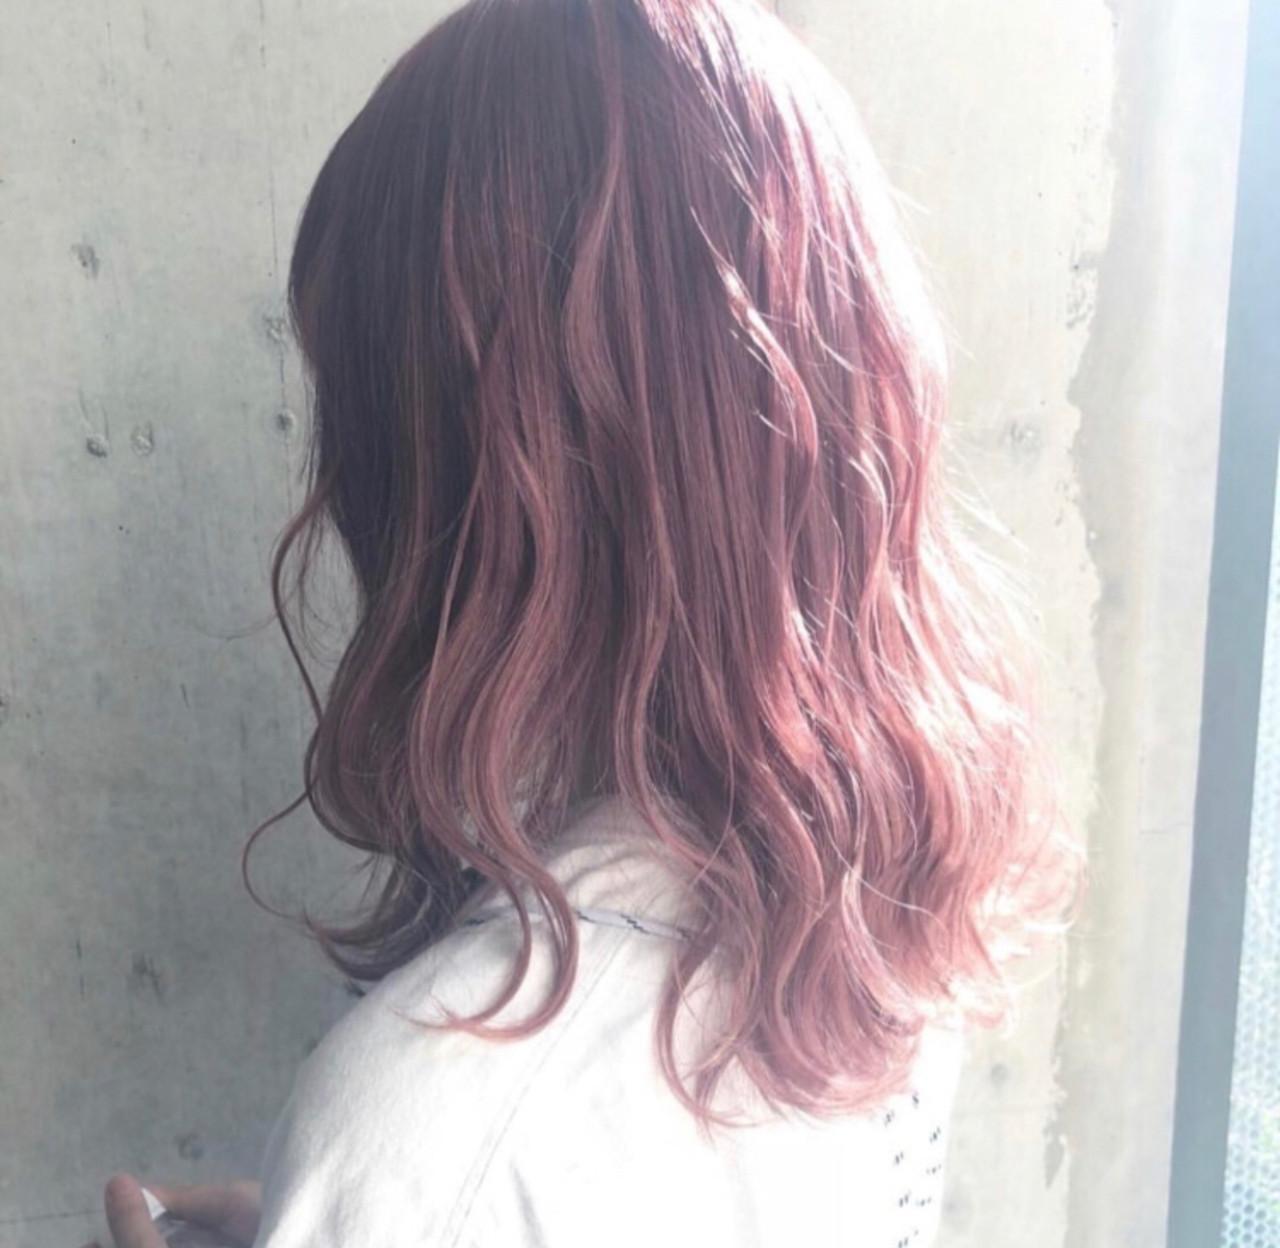 ハイトーン ベリーピンク 外国人風カラー ロング ヘアスタイルや髪型の写真・画像 | haruca shiono / imaii scaena×colore